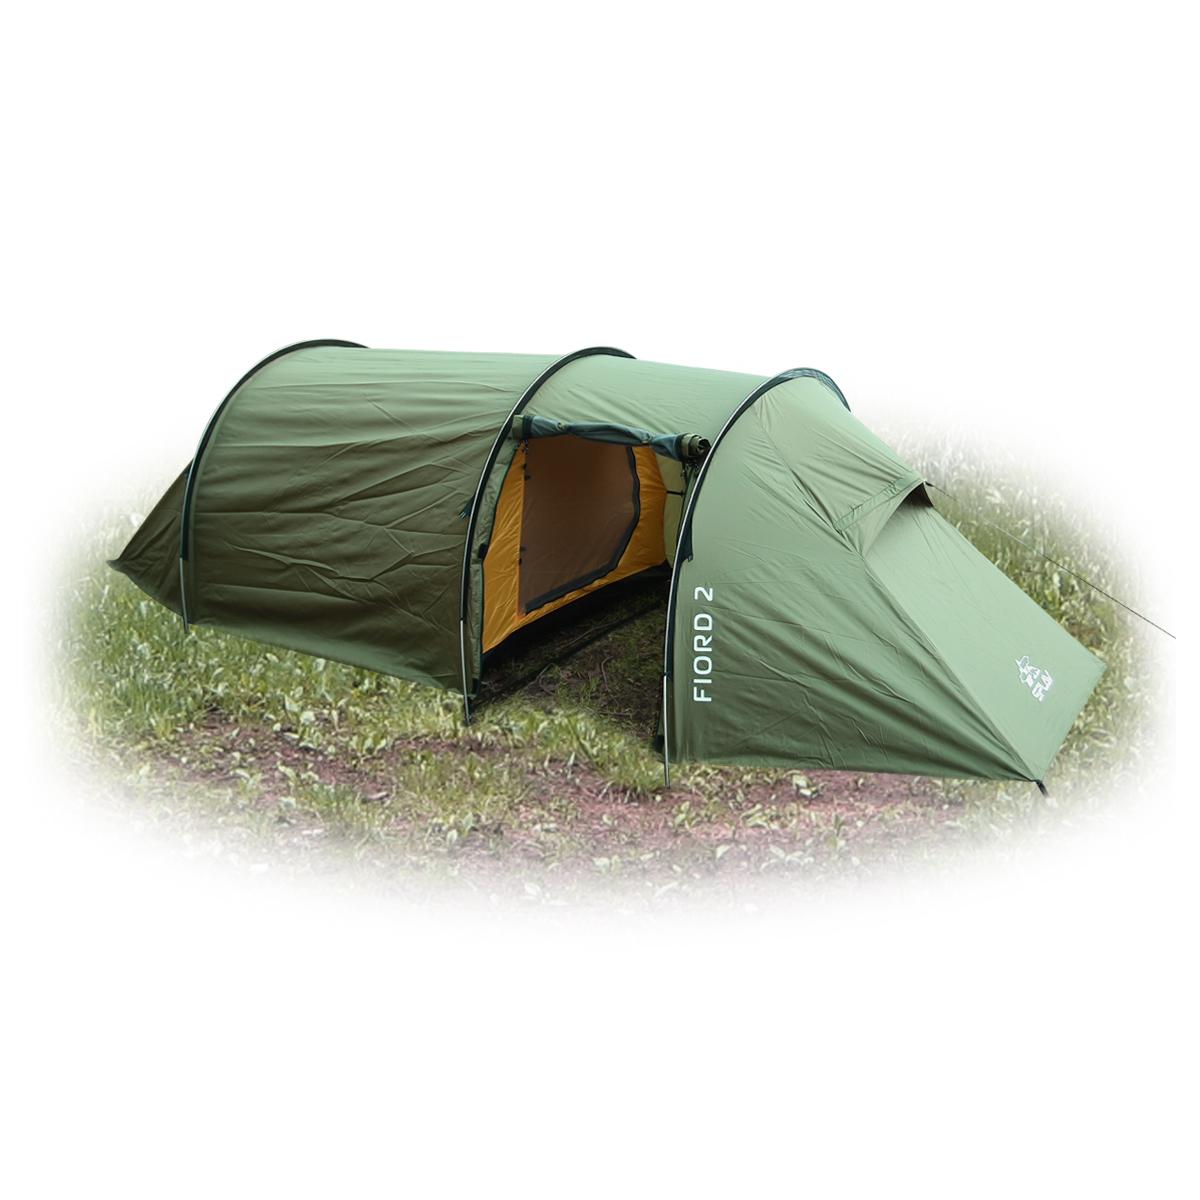 Палатка Сплав Fiord 2, цвет: зеленый5051950Туристическая палатка тоннельного типа с комфортным внутренним объемом и большим тамбуром Конструкция на 3-х внешних дугах позволяет быстро установить палатку в неблагоприятных погодных условиях Палатка и тент могут устанавливаться одновременно Возможна установка отдельно тента без внутренней палатки Вентиляционные отверстия расположены по торцам палатки под защитными козырьками и продублированы противомоскитной сеткой. Обеспечивают хорошую проточную вентиляцию внутреннего объема Вход в тамбур и основную палатку продублирован противомоскитной сеткой Дополнительное большое вентиляционное окно в тамбуре закрывается водонепроницаемой шторкой на молнии Веревки оттяжек имеют вплетенную светоотражающую нить Петли крепления оттяжек на тенте продублированы светоотражающими полосами Швы тента и дна проклееныКоличество мест: 2 Габариты и вес: Размеры внешней палатки, тента (ДхШхВ): 410х160х110 см Размеры спального места (ДхШхВ): 220х140/90х100 см Размеры в упакованном виде (ДхШхВ): 50х22х17 см Полный вес: 3,89 кг Минимальный вес (без чехла и колышков): 3,29 кг Материалы: Внешний тент: Polyester 75D/190T PU8000 мм Внутренняя палатка: Polyester R/S 68D/210T W/R Дно: Polyester 100D PU 10000 мм Дуги: Алюминиевый сплав 7001 T6 O8,5 мм Колышки: Trigonal aluminium pin Фурнитура: YKK